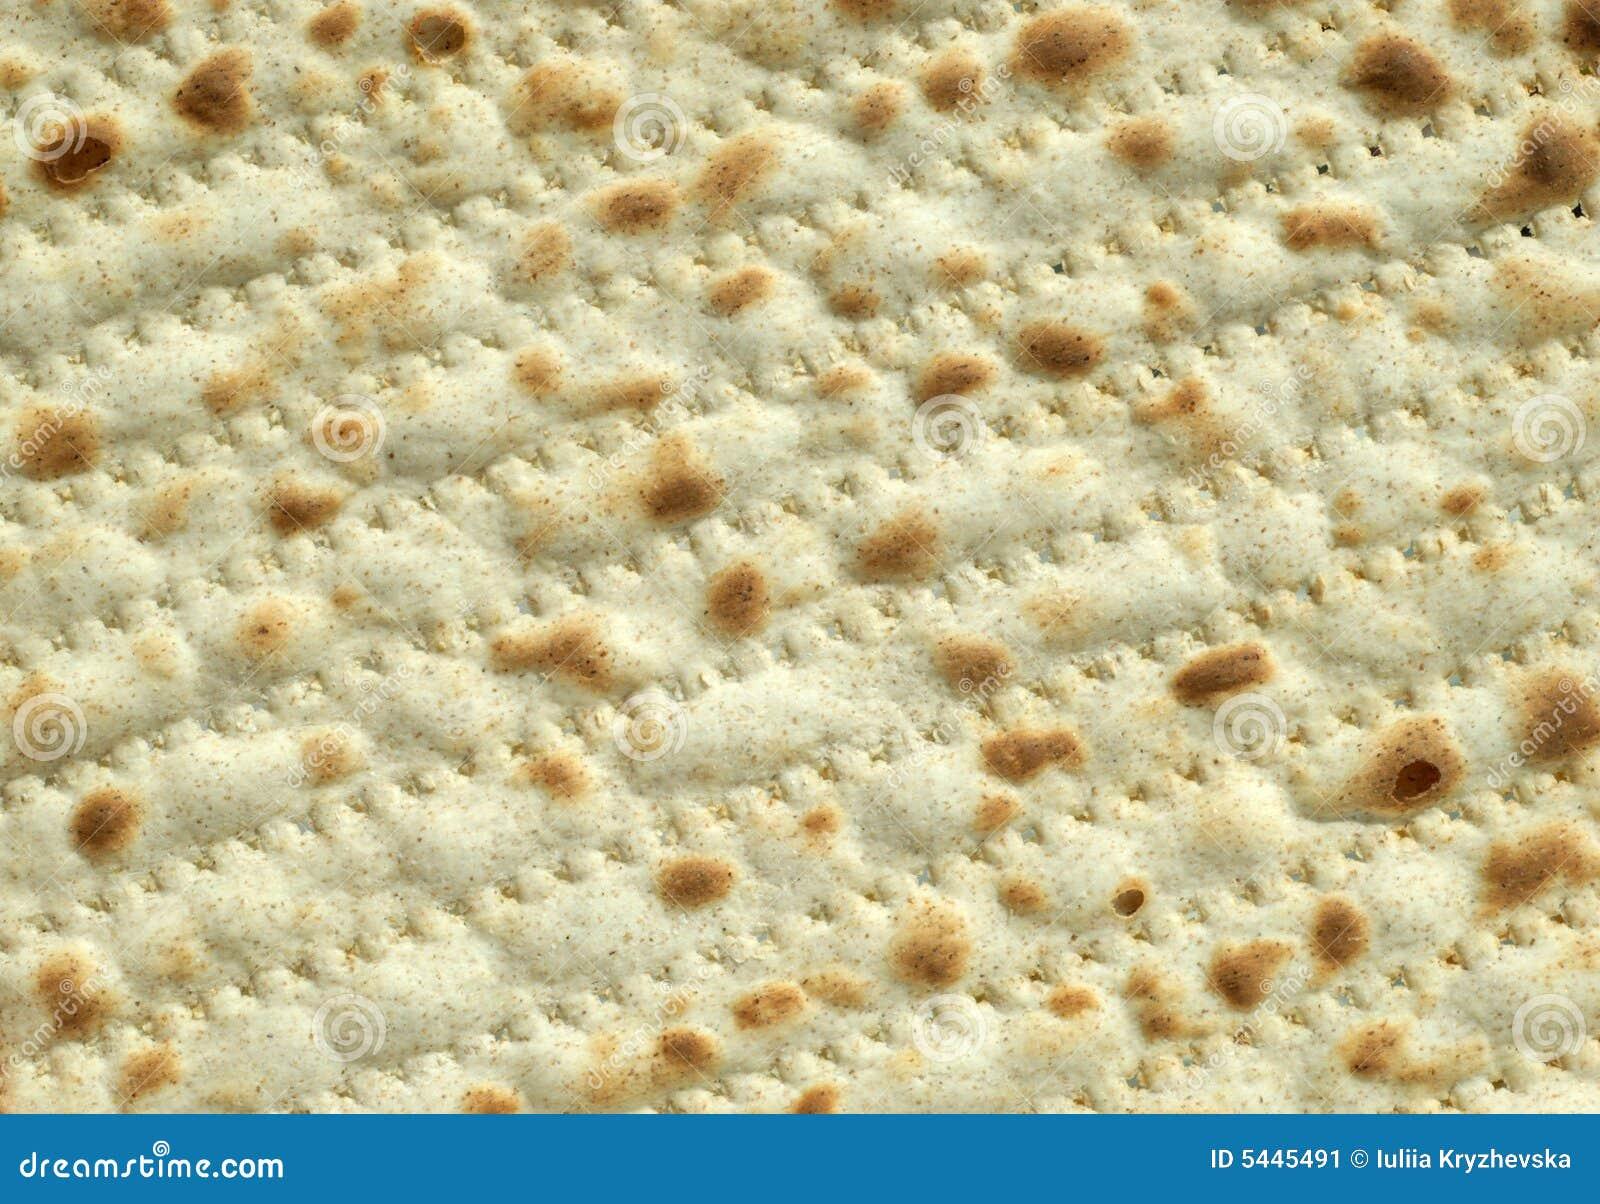 Matza Background Stock Image - Image: 5445491